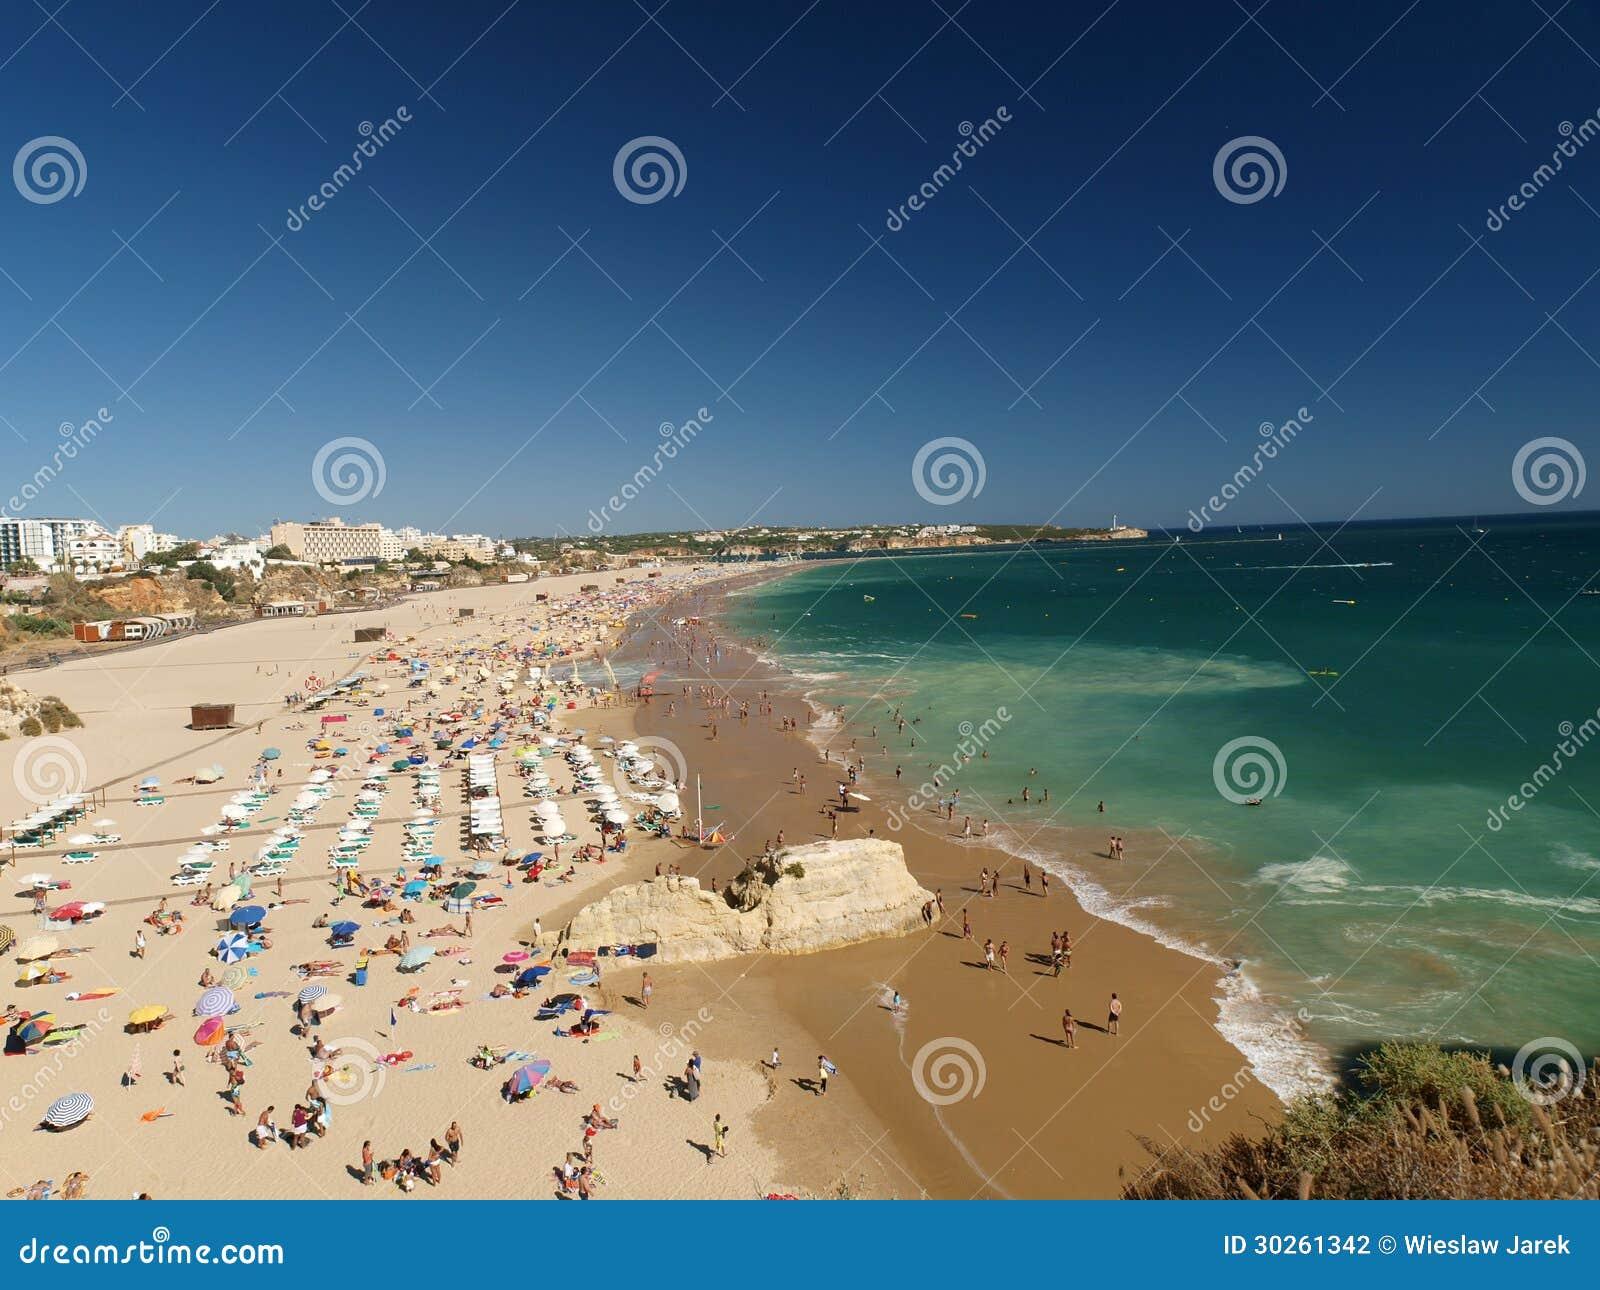 Идилличный пляж Прая de Rocha на области Алгарве.